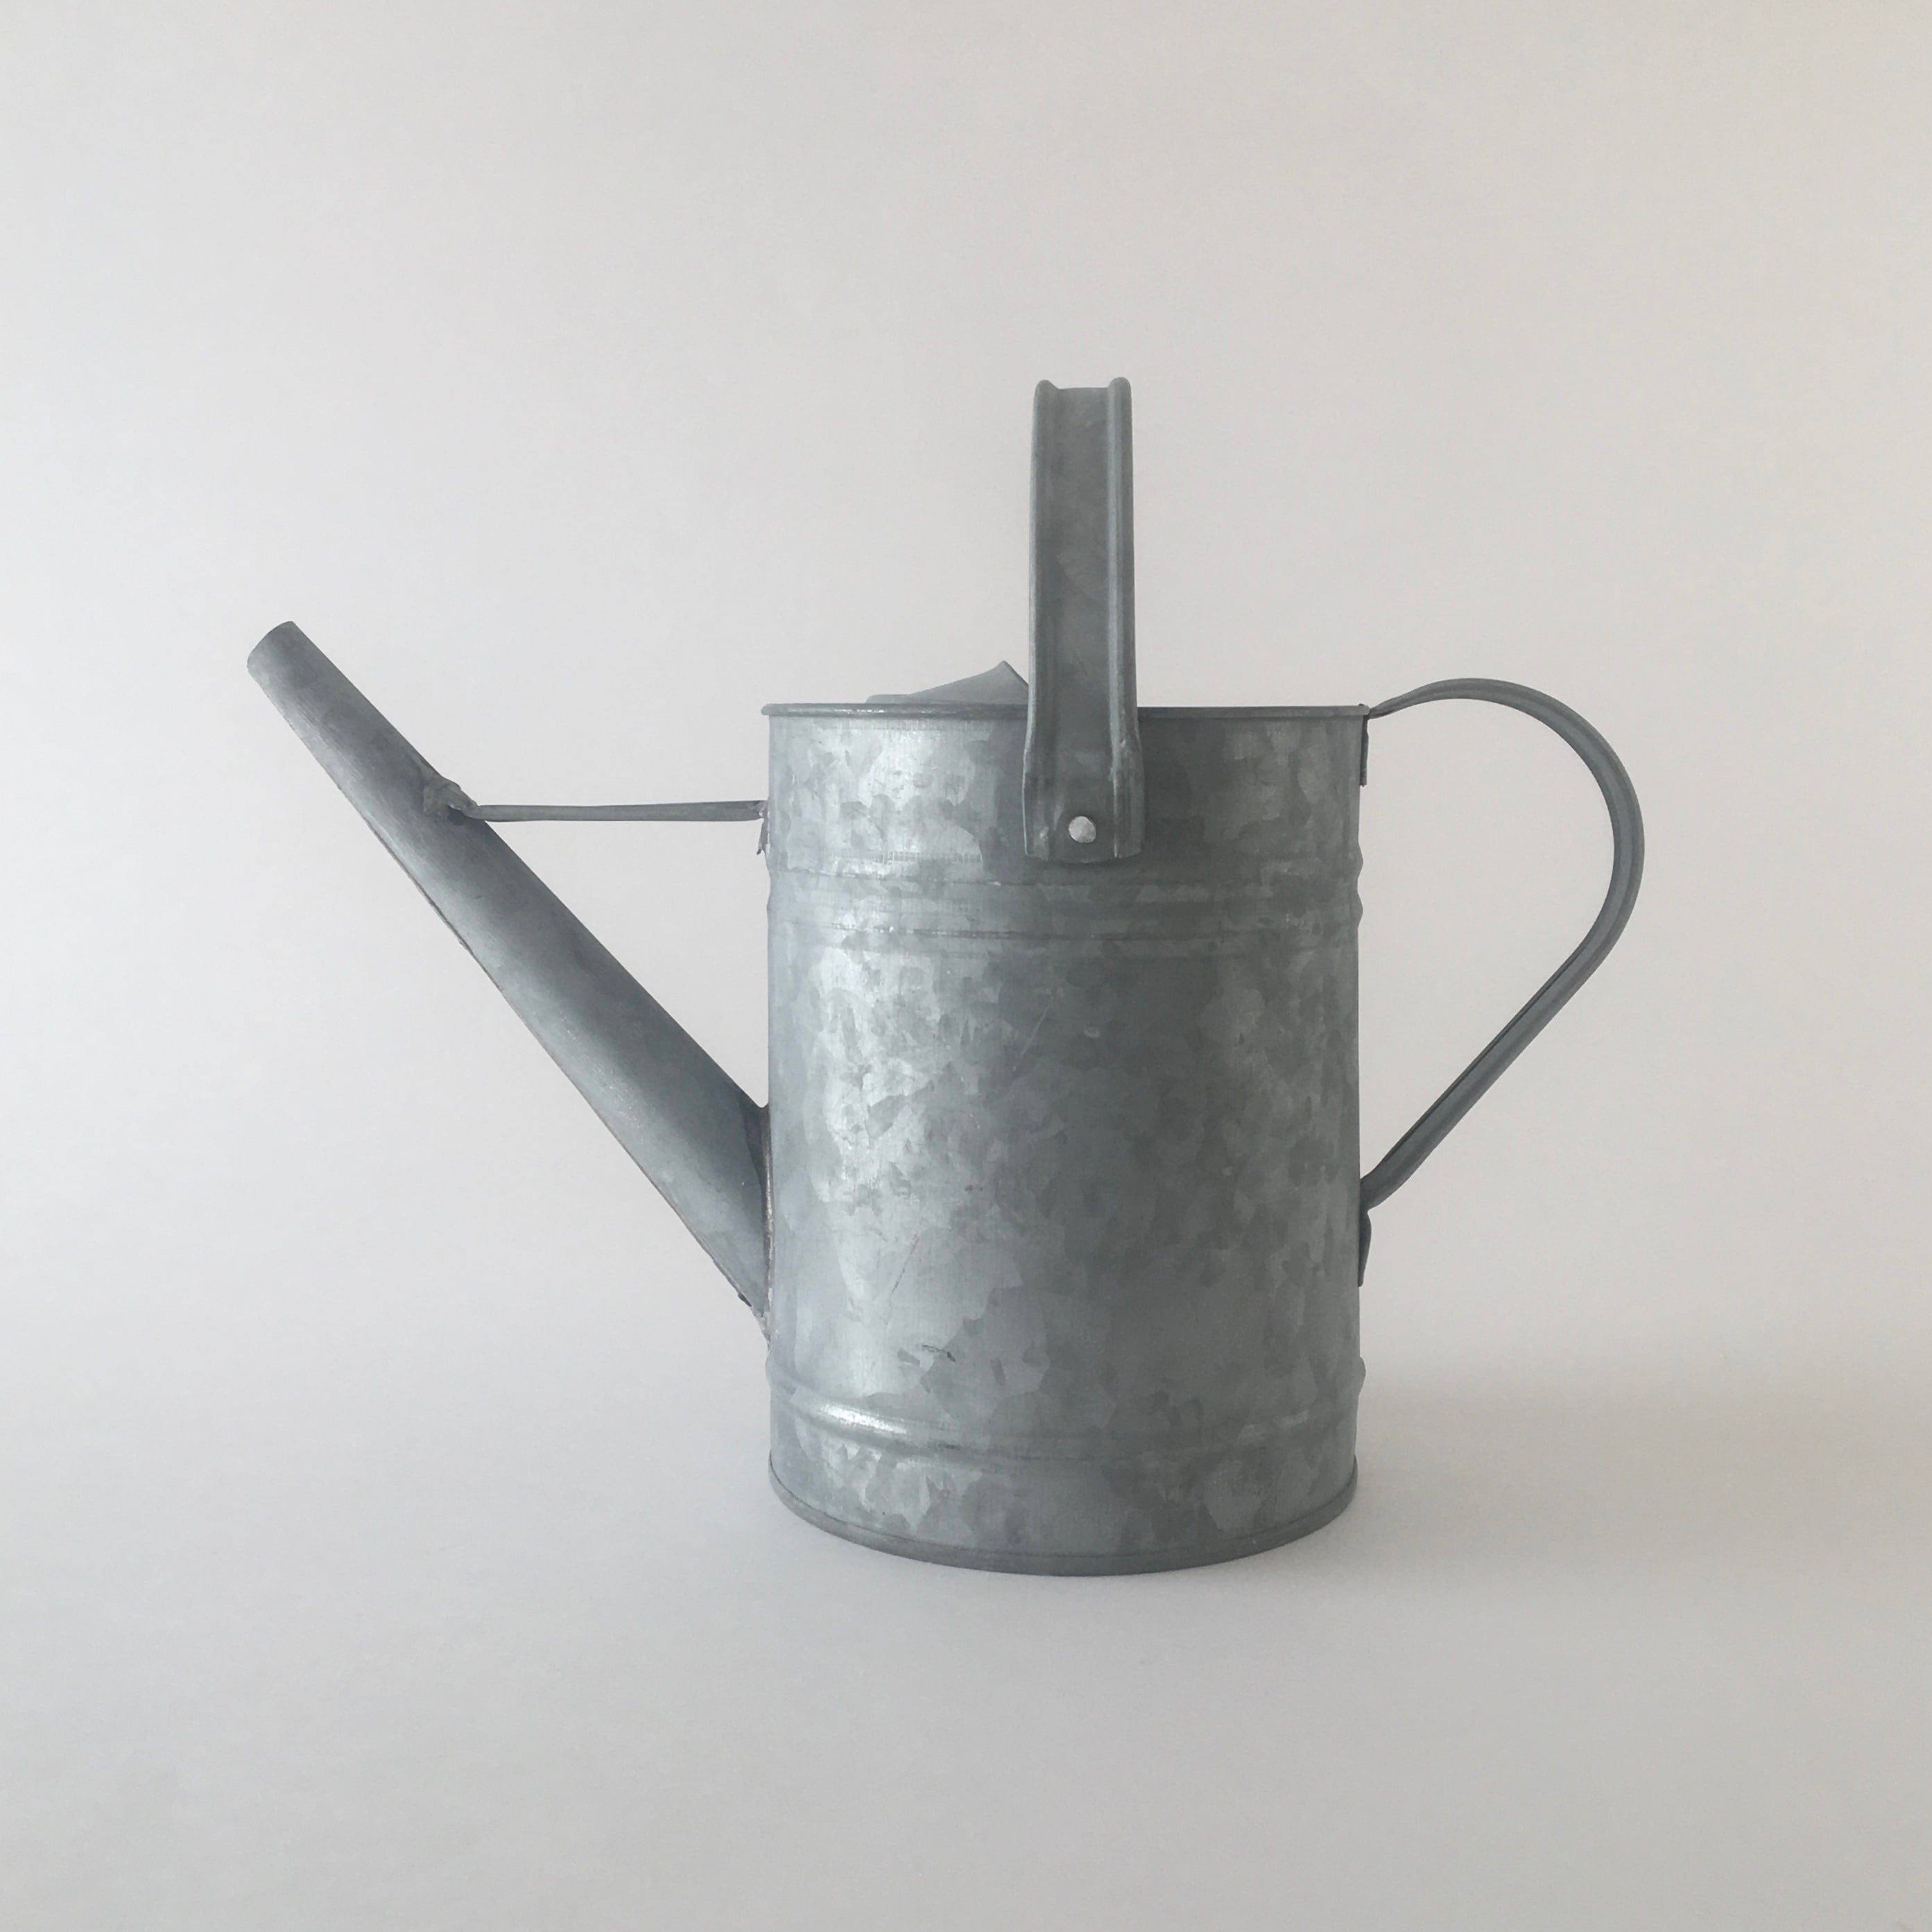 オールドジンクウォータリングカン 1.5ℓ|Old Zinc Watering Can 1.5ℓ